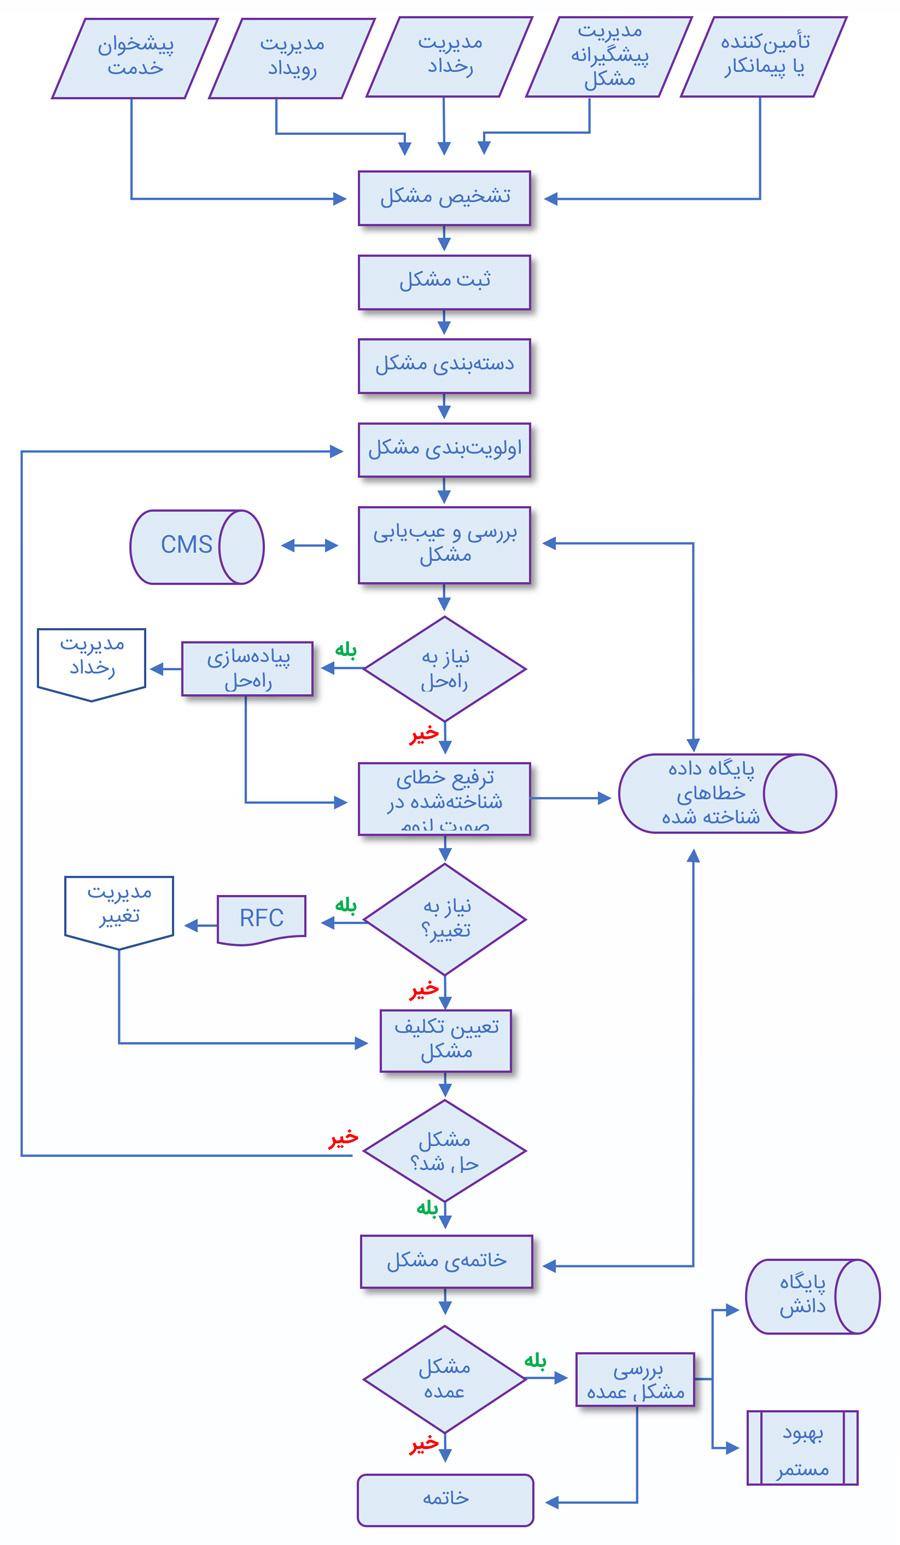 فعالیت های فرآیندی در فرآیند مدیریت مشکل